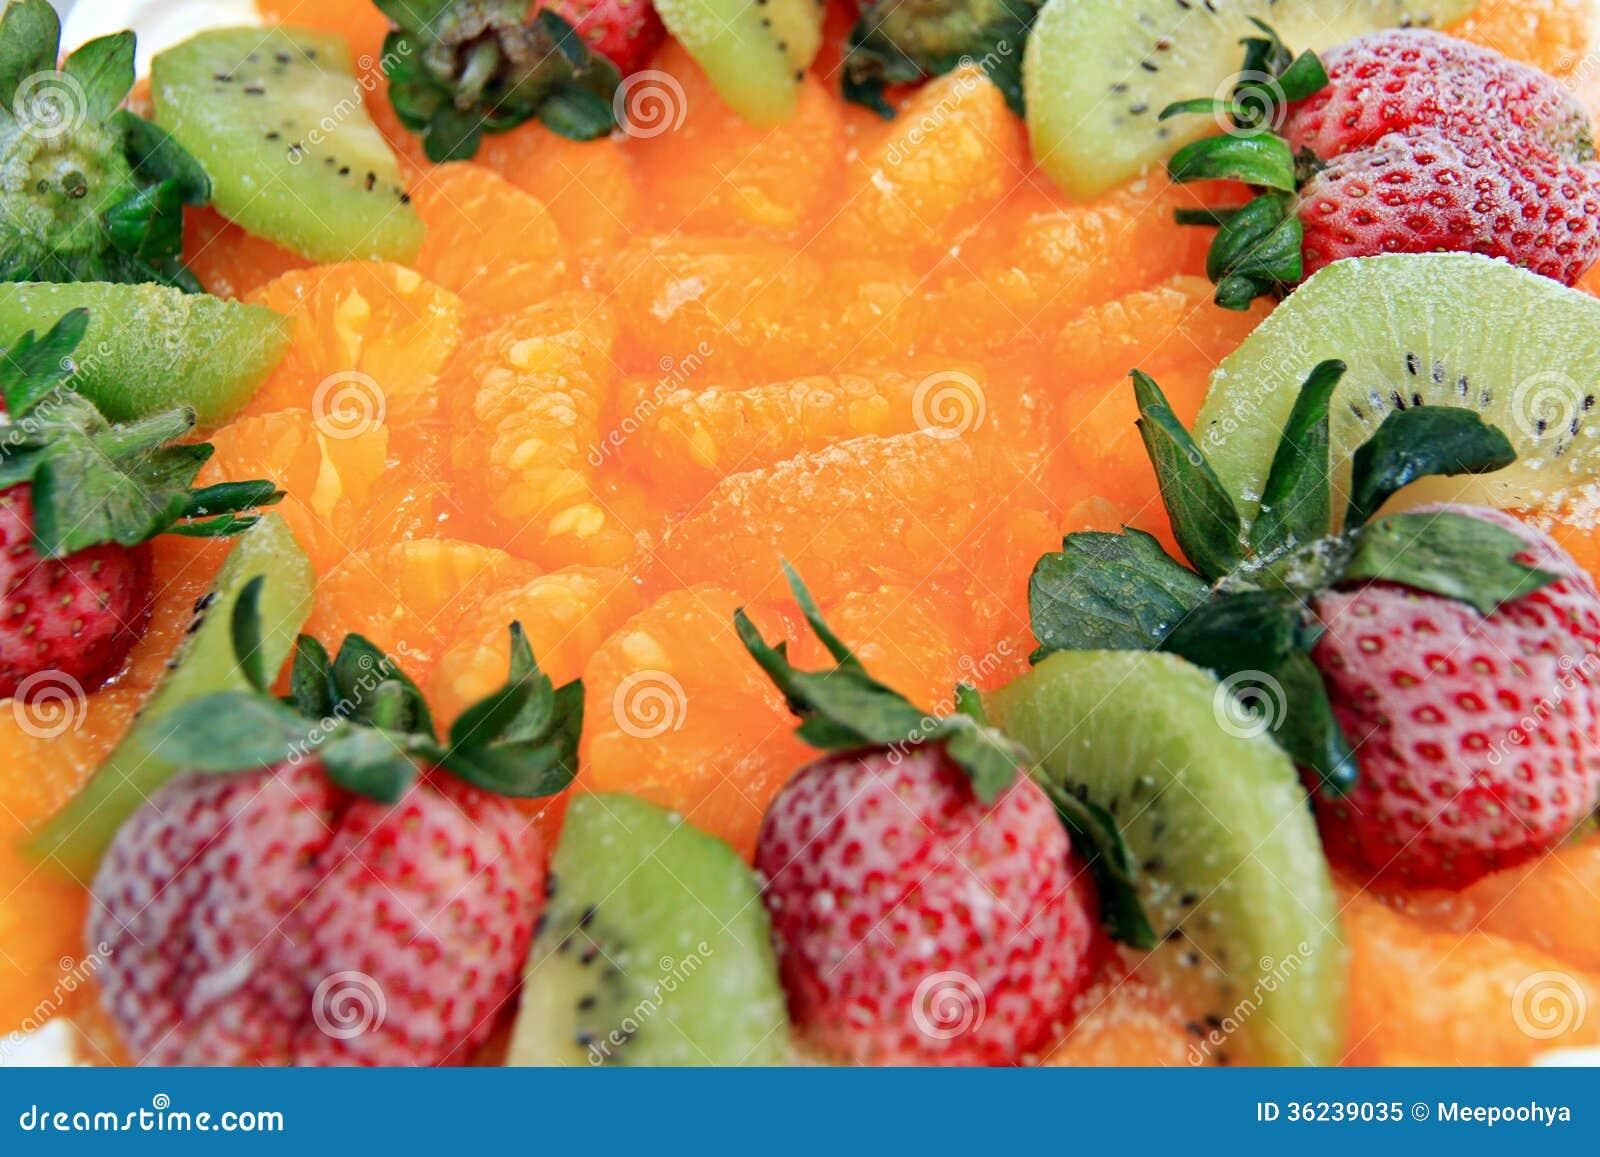 Ice Cream Fruit Cake. Royalty Free Stock Photo - Image: 36239035